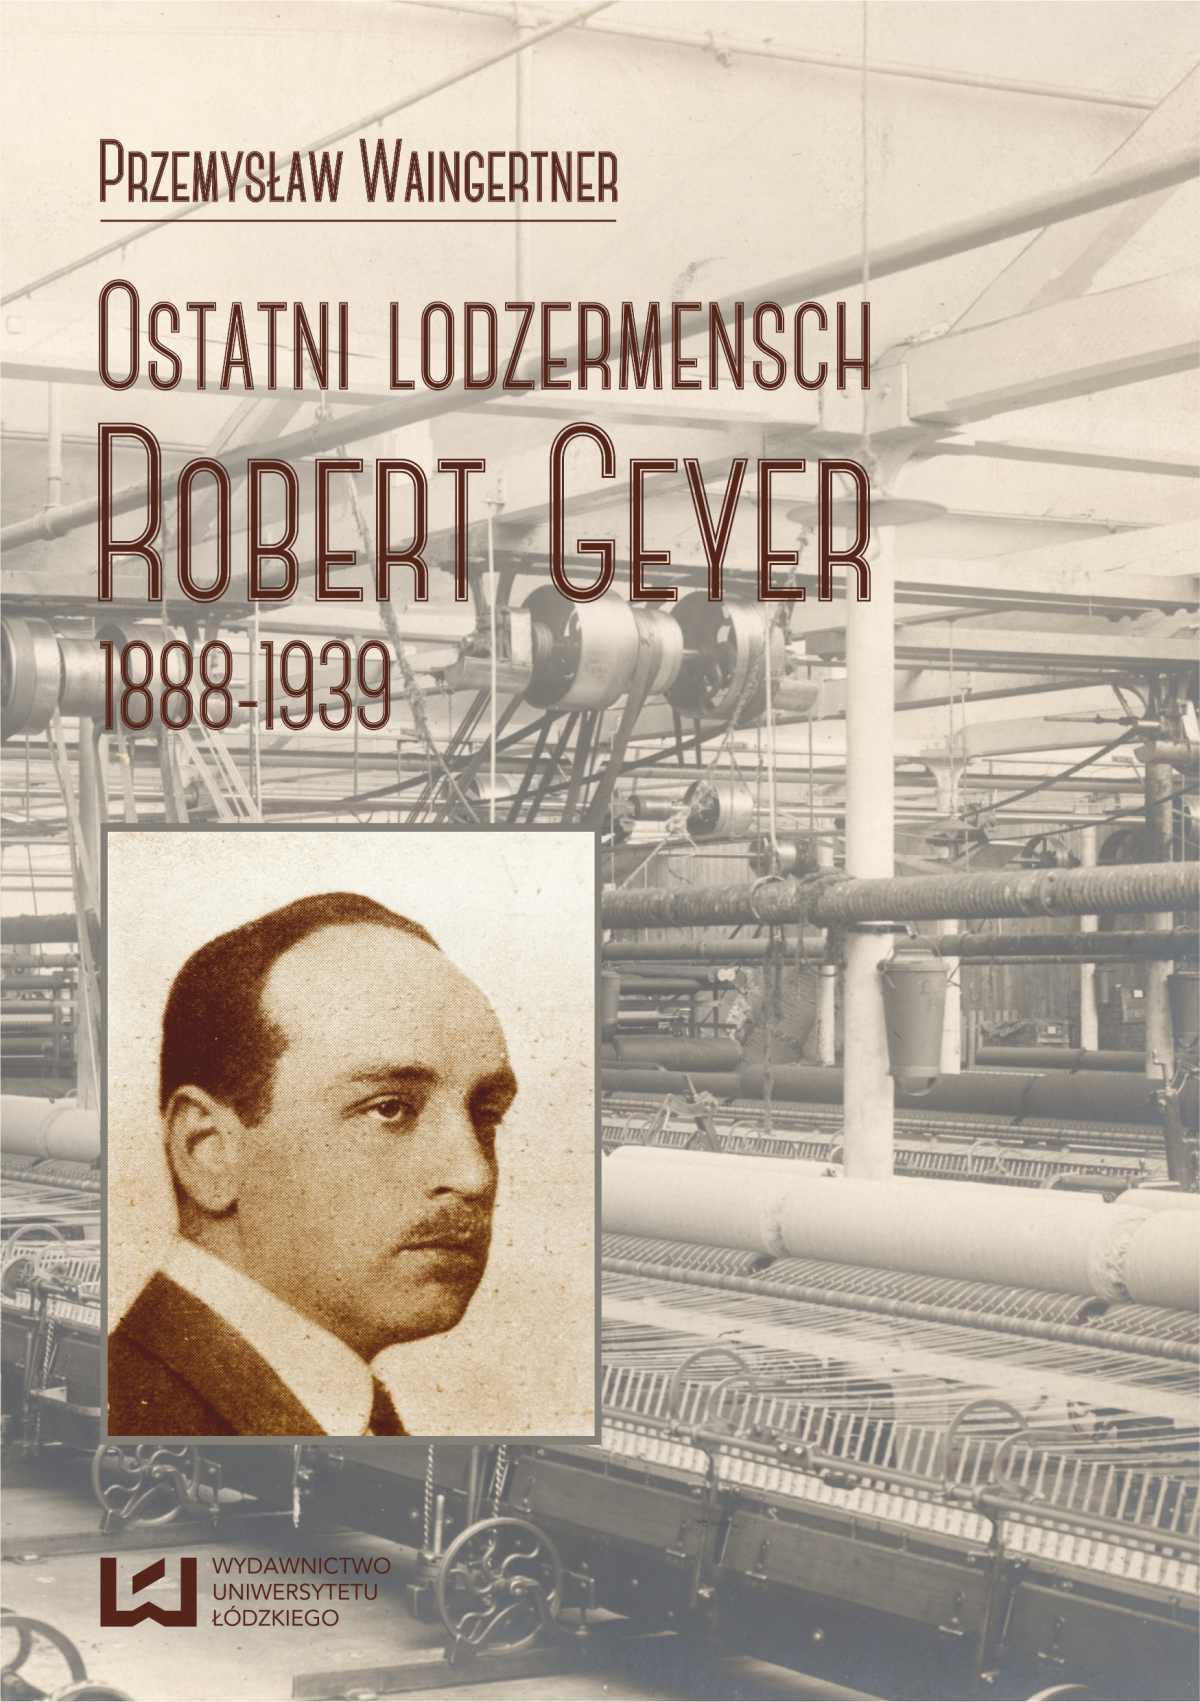 Ostatni lodzermensch. Robert Geyer 1888-1939 - Ebook (Książka PDF) do pobrania w formacie PDF